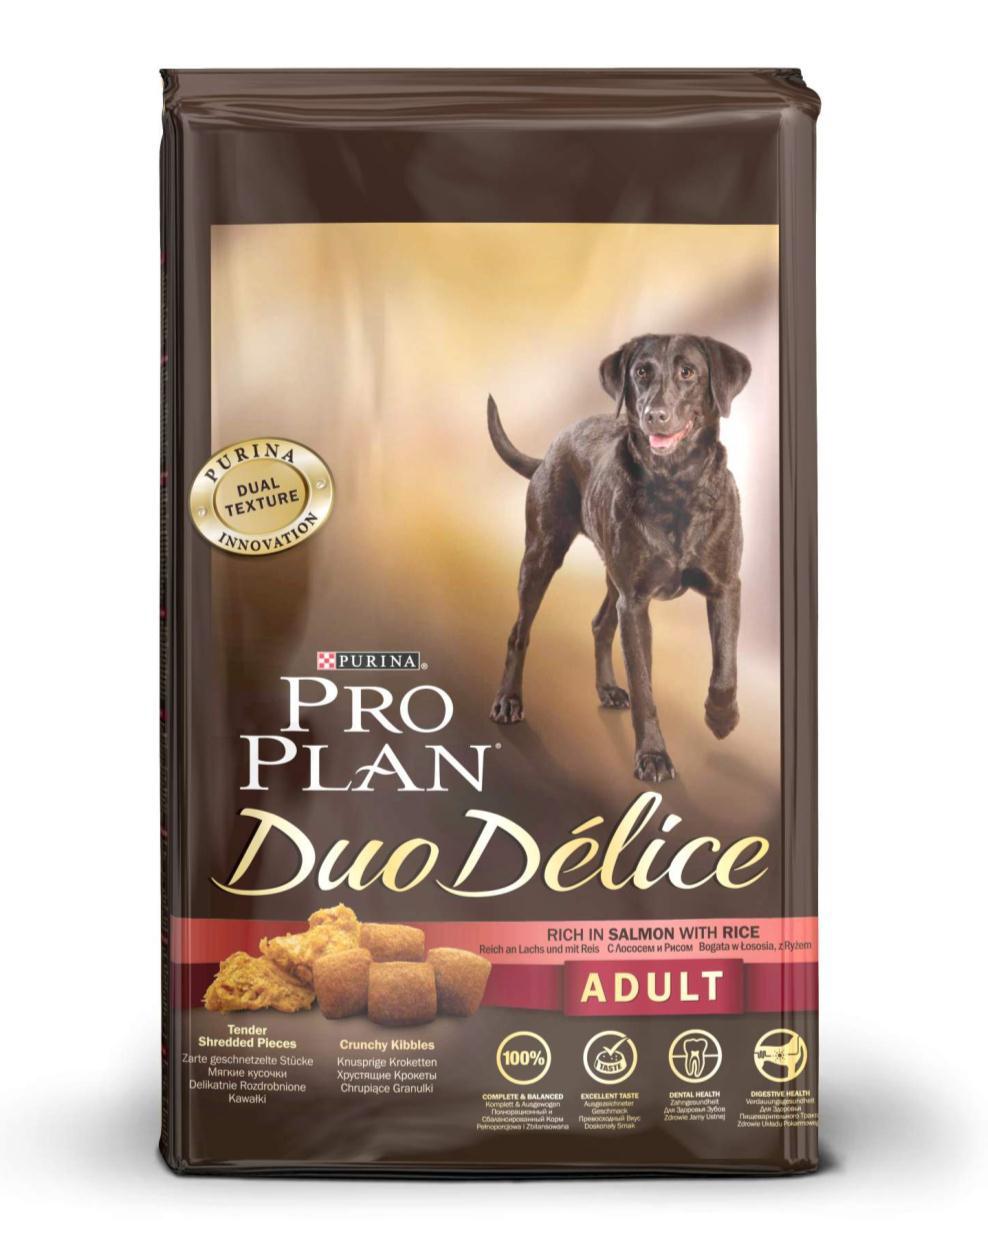 Корм сухой для собак Pro Plan Duo Delice, с лососем и рисом, 10 кг12202615Сухой корм Pro Plan Duo Delice - это полнорационный корм для взрослых собак, с лососем и рисом. Корм обеспечивает правильный баланс питательных веществ для поддержания здоровья и хорошего самочувствия взрослых собак. Тщательно отобранные ингредиенты и специально разработанный процесс приготовления обеспечивают высокую усвояемость корма, благодаря чему собаки получают необходимые им питательные вещества. Собаки обожают инновационное сочетание хрустящих крокет и мягких кусочков, в которых основным ингредиентом является лосось. Уникальное сочетание хрустящих крокет и мягких кусочков побуждает собаку с удовольствием пережевывать корм. Механическое воздействие хрустящих крокет на зубы вашей собаки, действует как зубная щетка, тем самым способствует уменьшению отложения зубного камня. Содержащаяся в корме клетчатка помогает поддерживать здоровье пищеварительного тракта, помогает улучшить качество стула, а белок из специально выбранных ингредиентов легко...